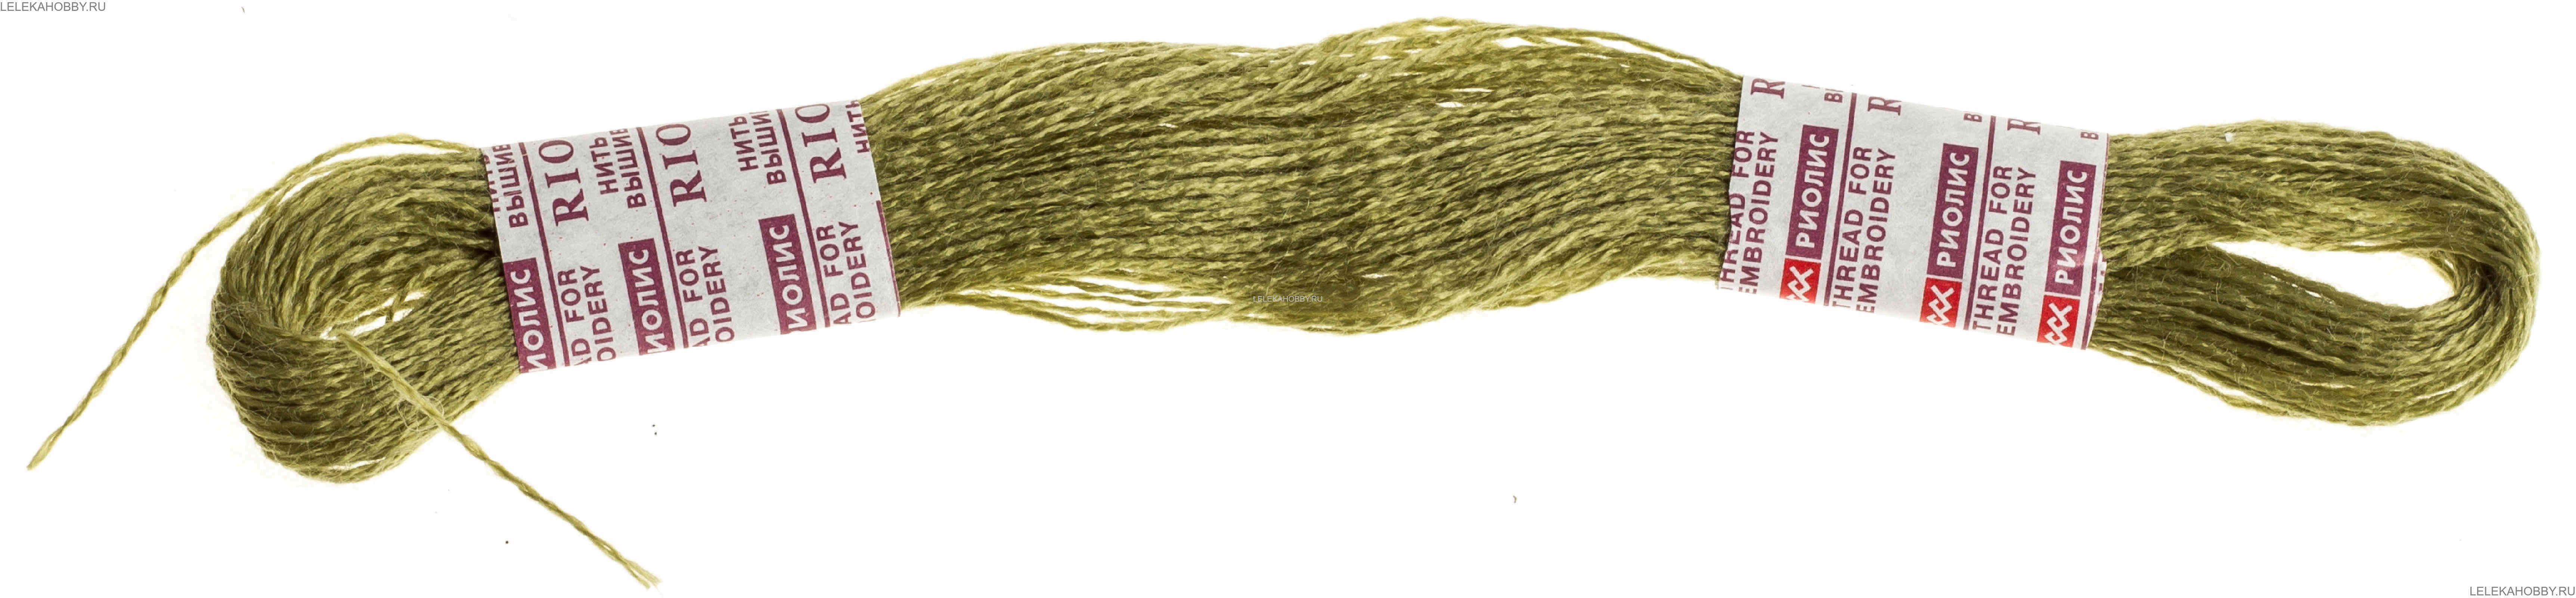 Вышивки шерстью-акрил